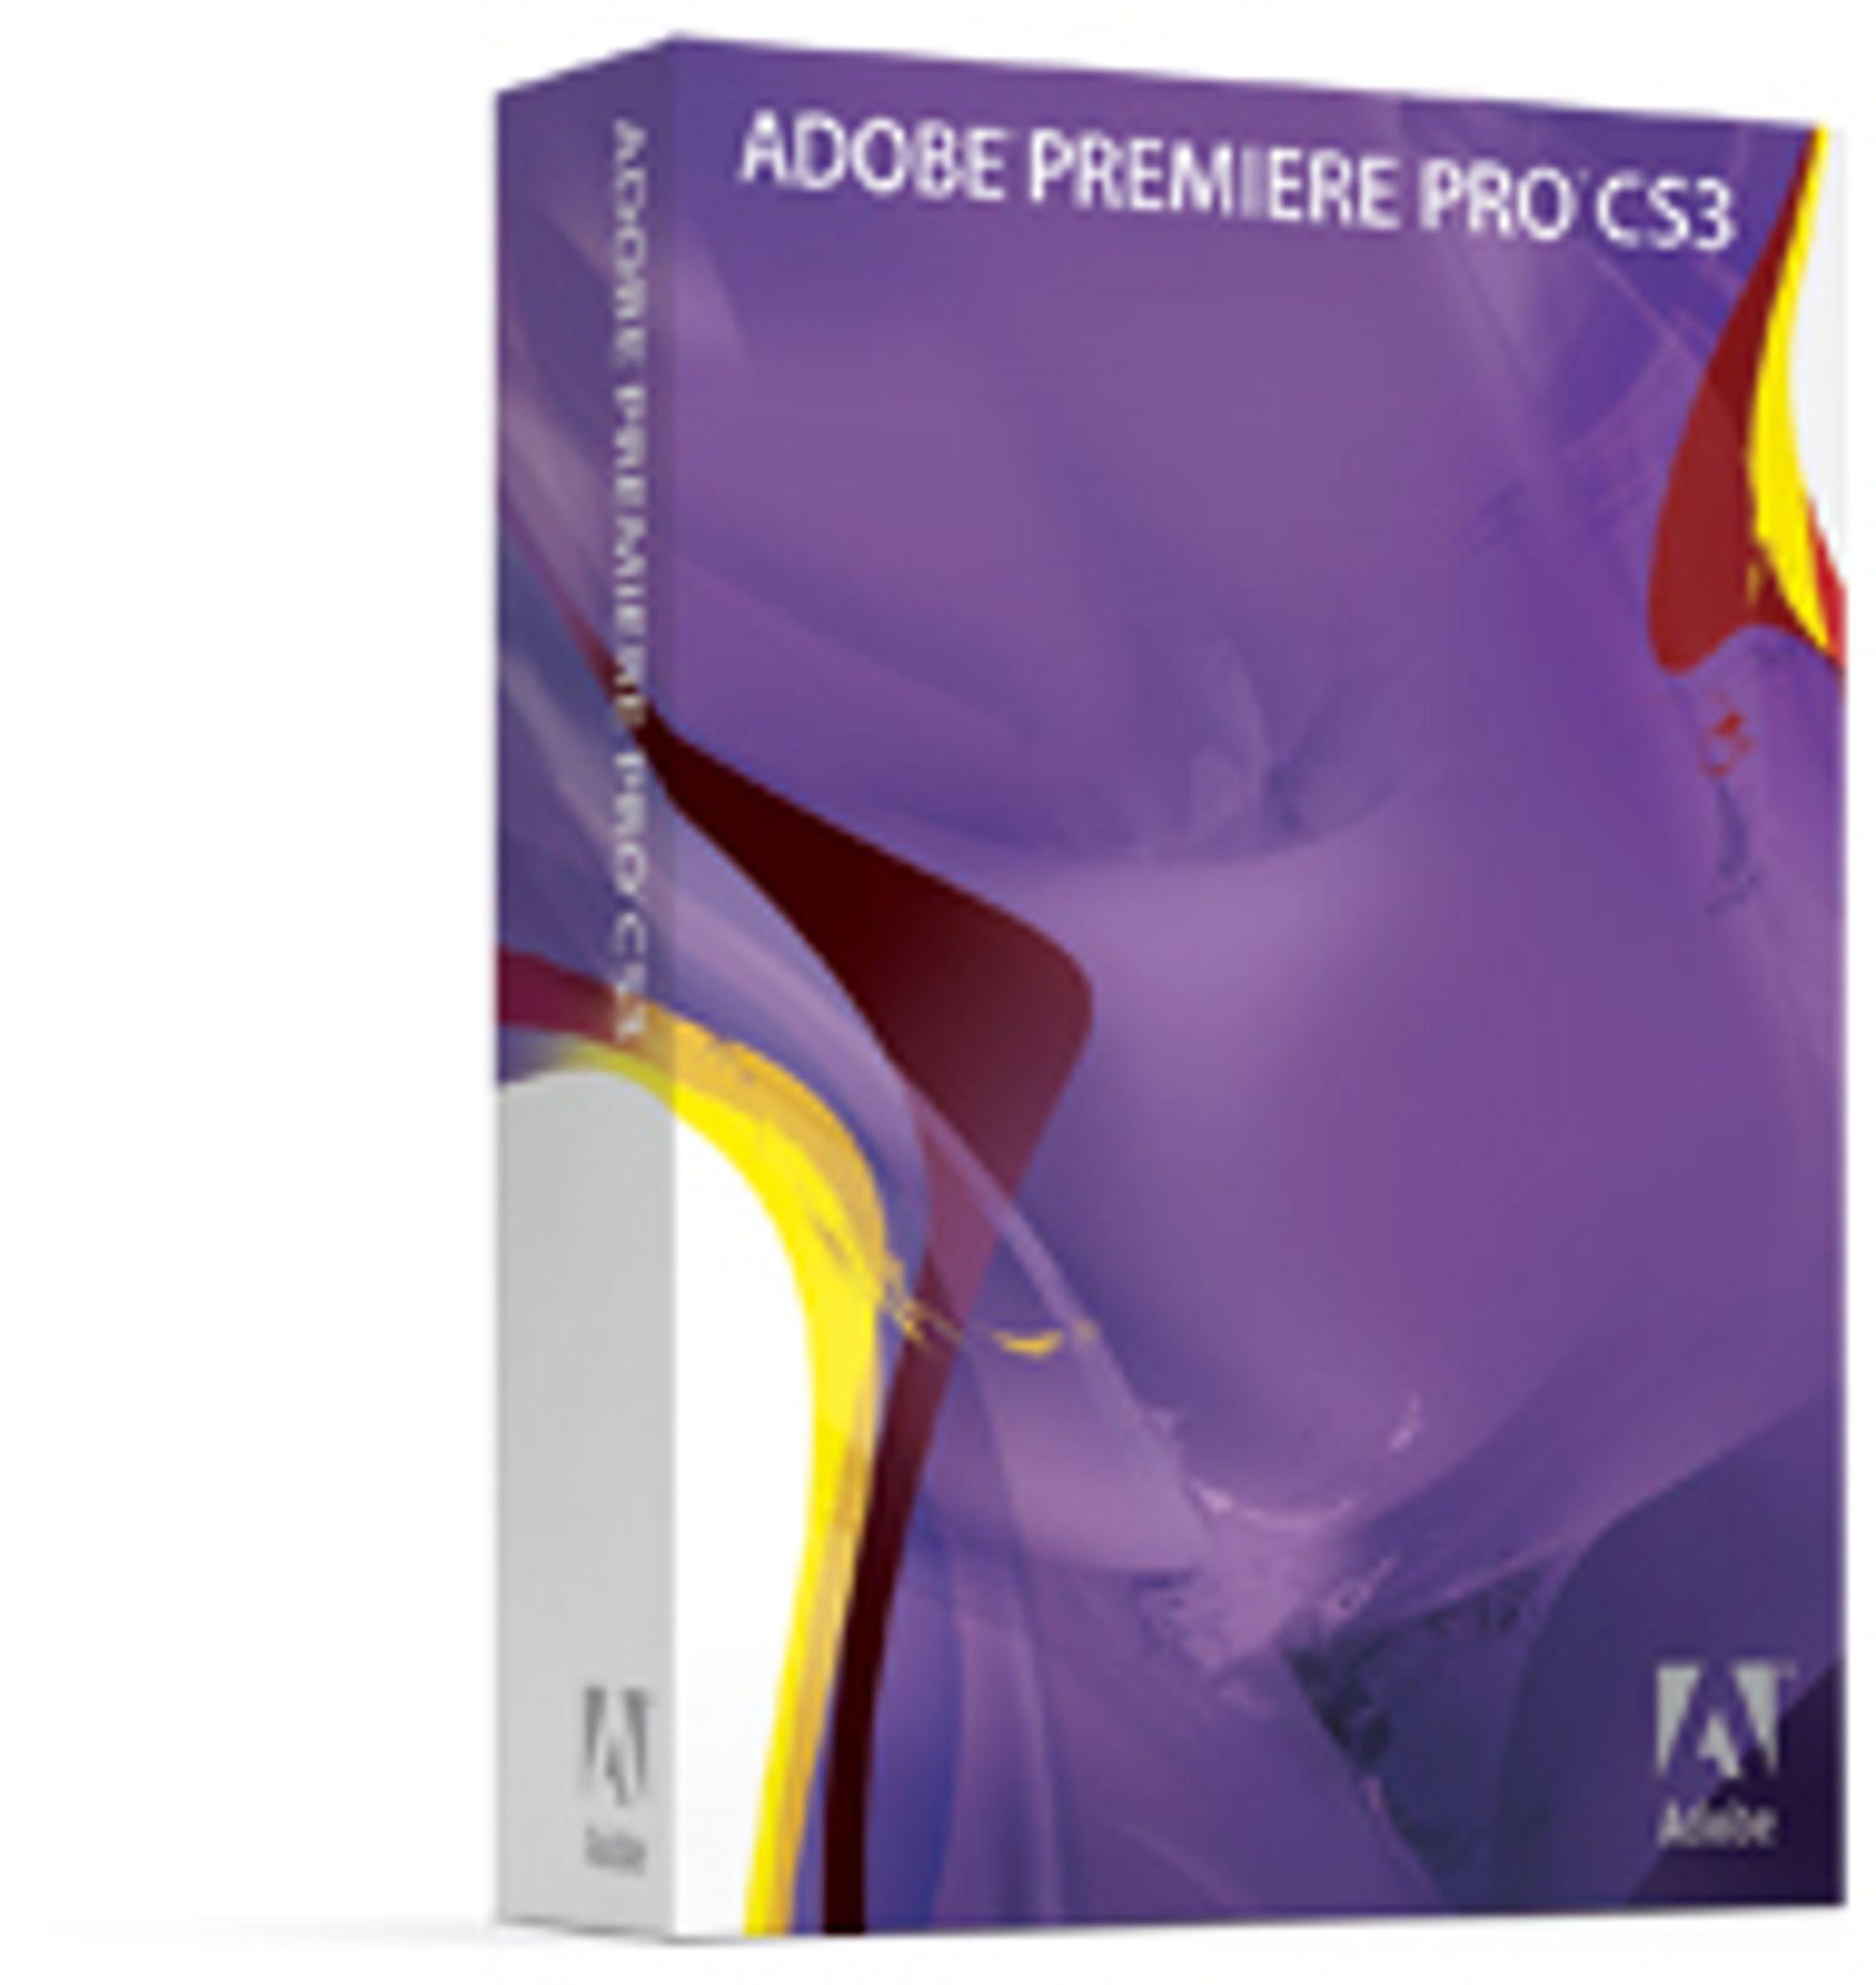 Premiere Pro CS3 - For videoentusiasten